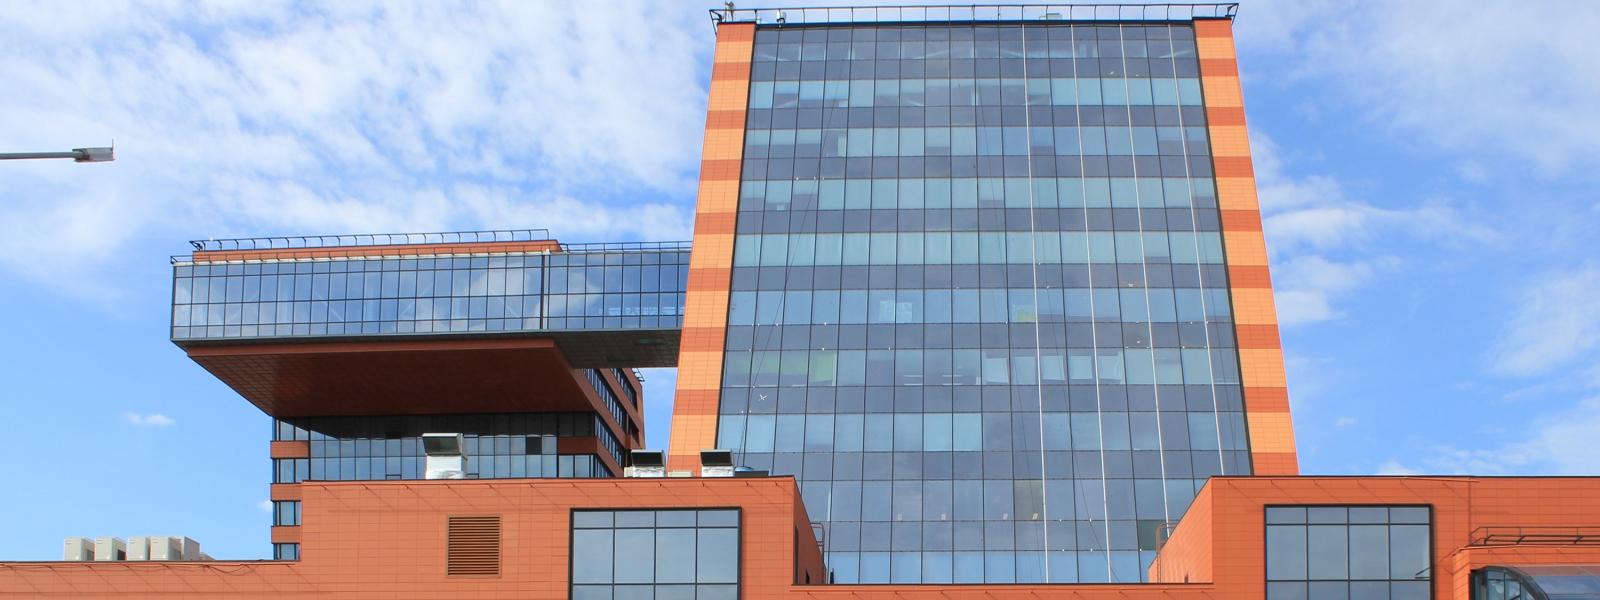 work-Многофункциональный комплекс технопарка Новосибирского Академгородка